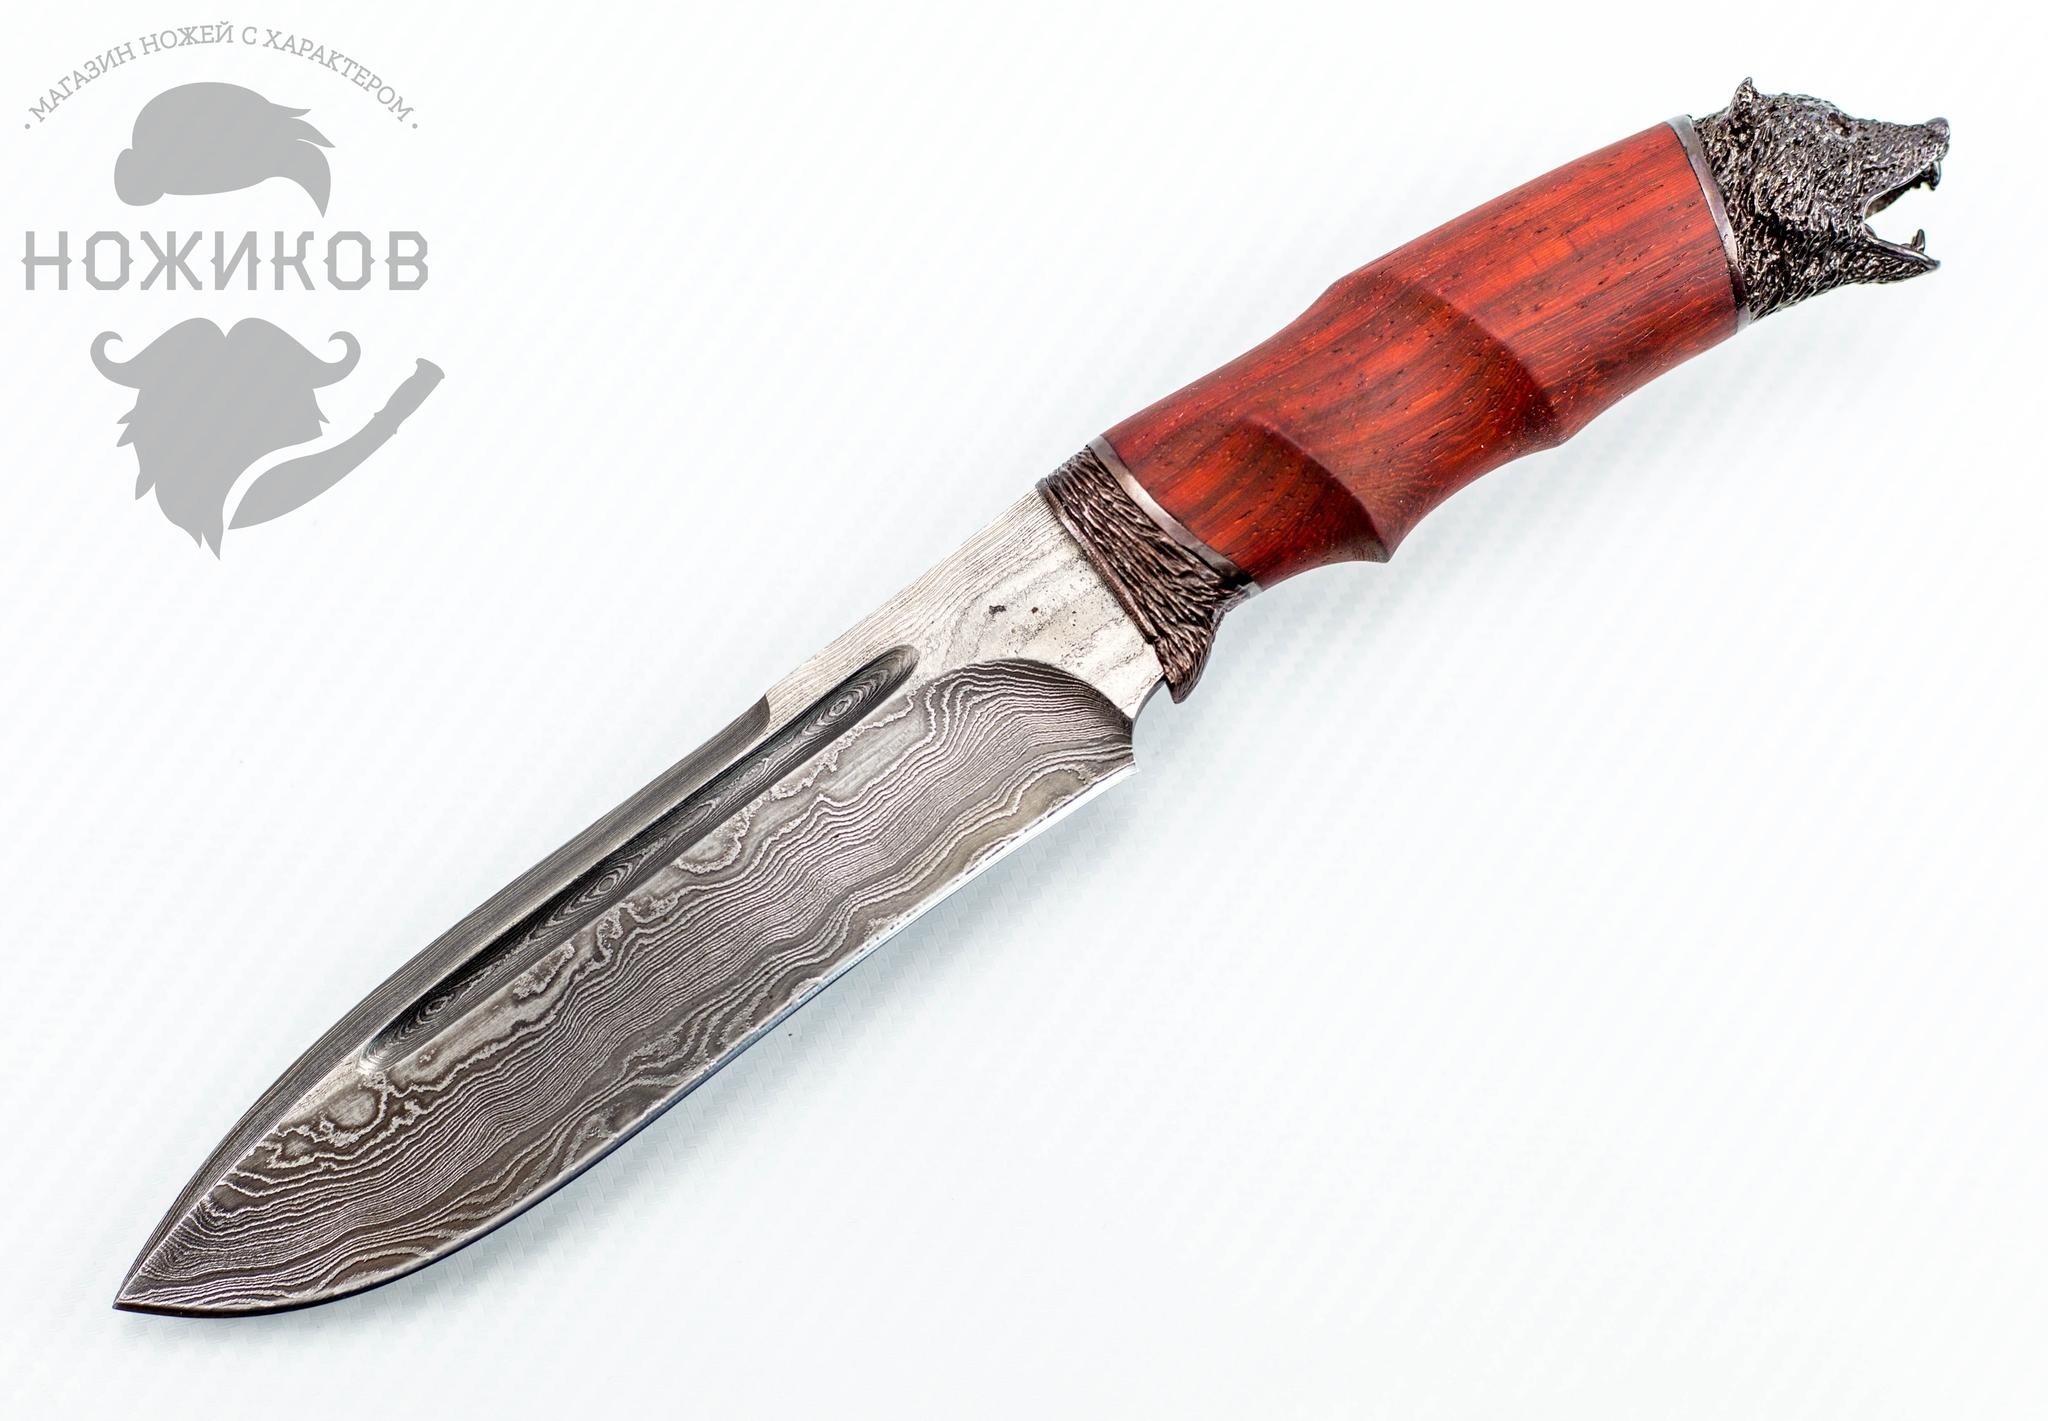 Авторский Нож из Дамаска №70, Кизляр авторский нож из дамаска 43 кизляр